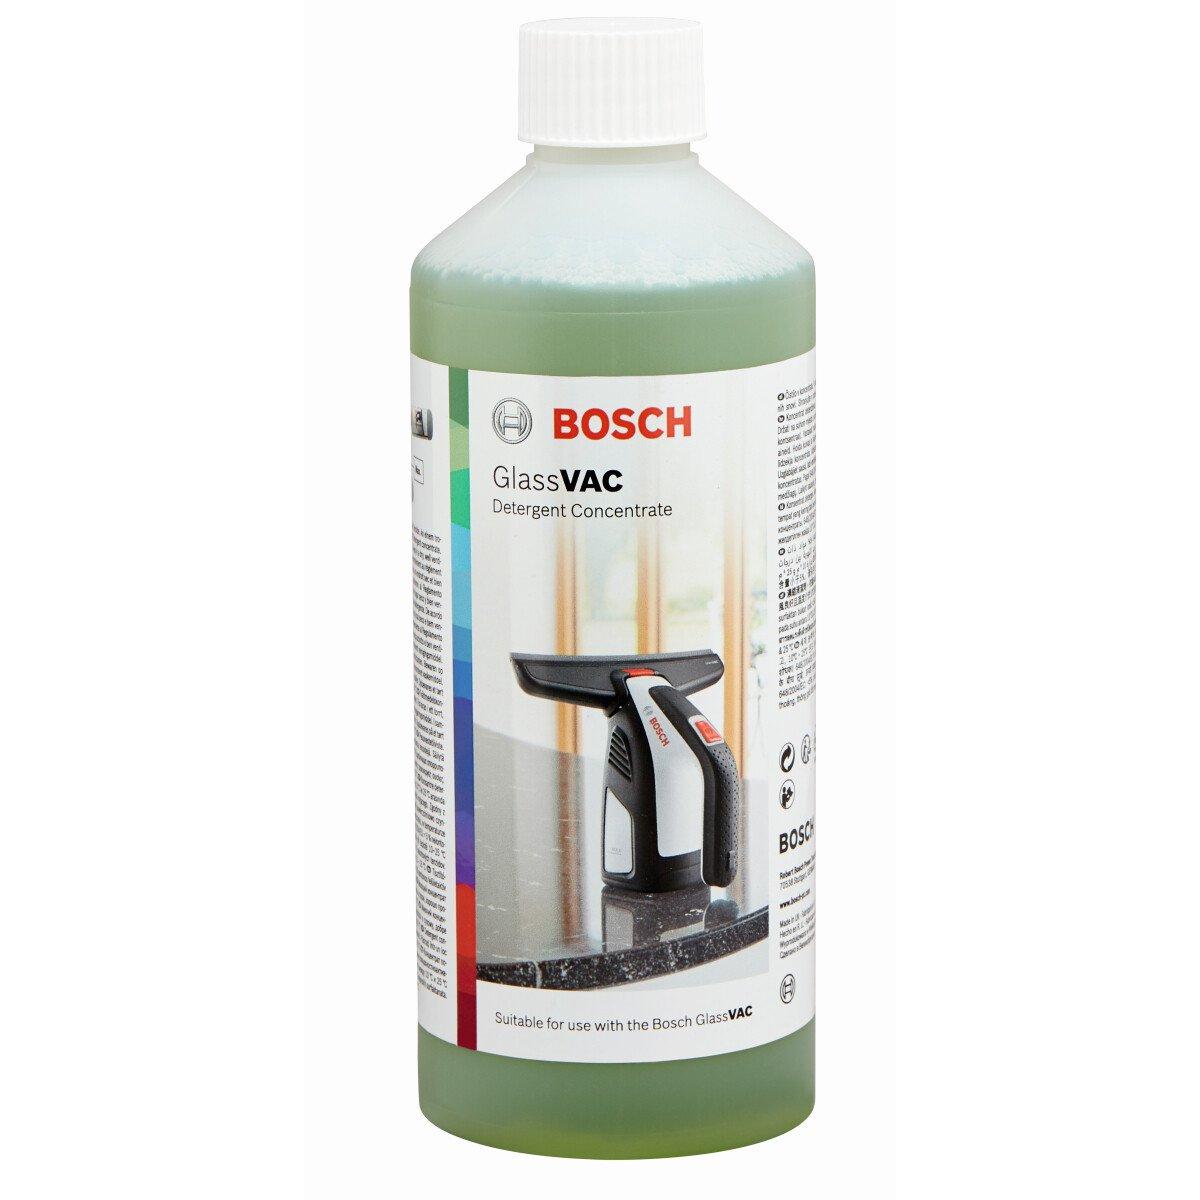 Bosch F016800568 Detergent Bottle 500ml for GlassVac